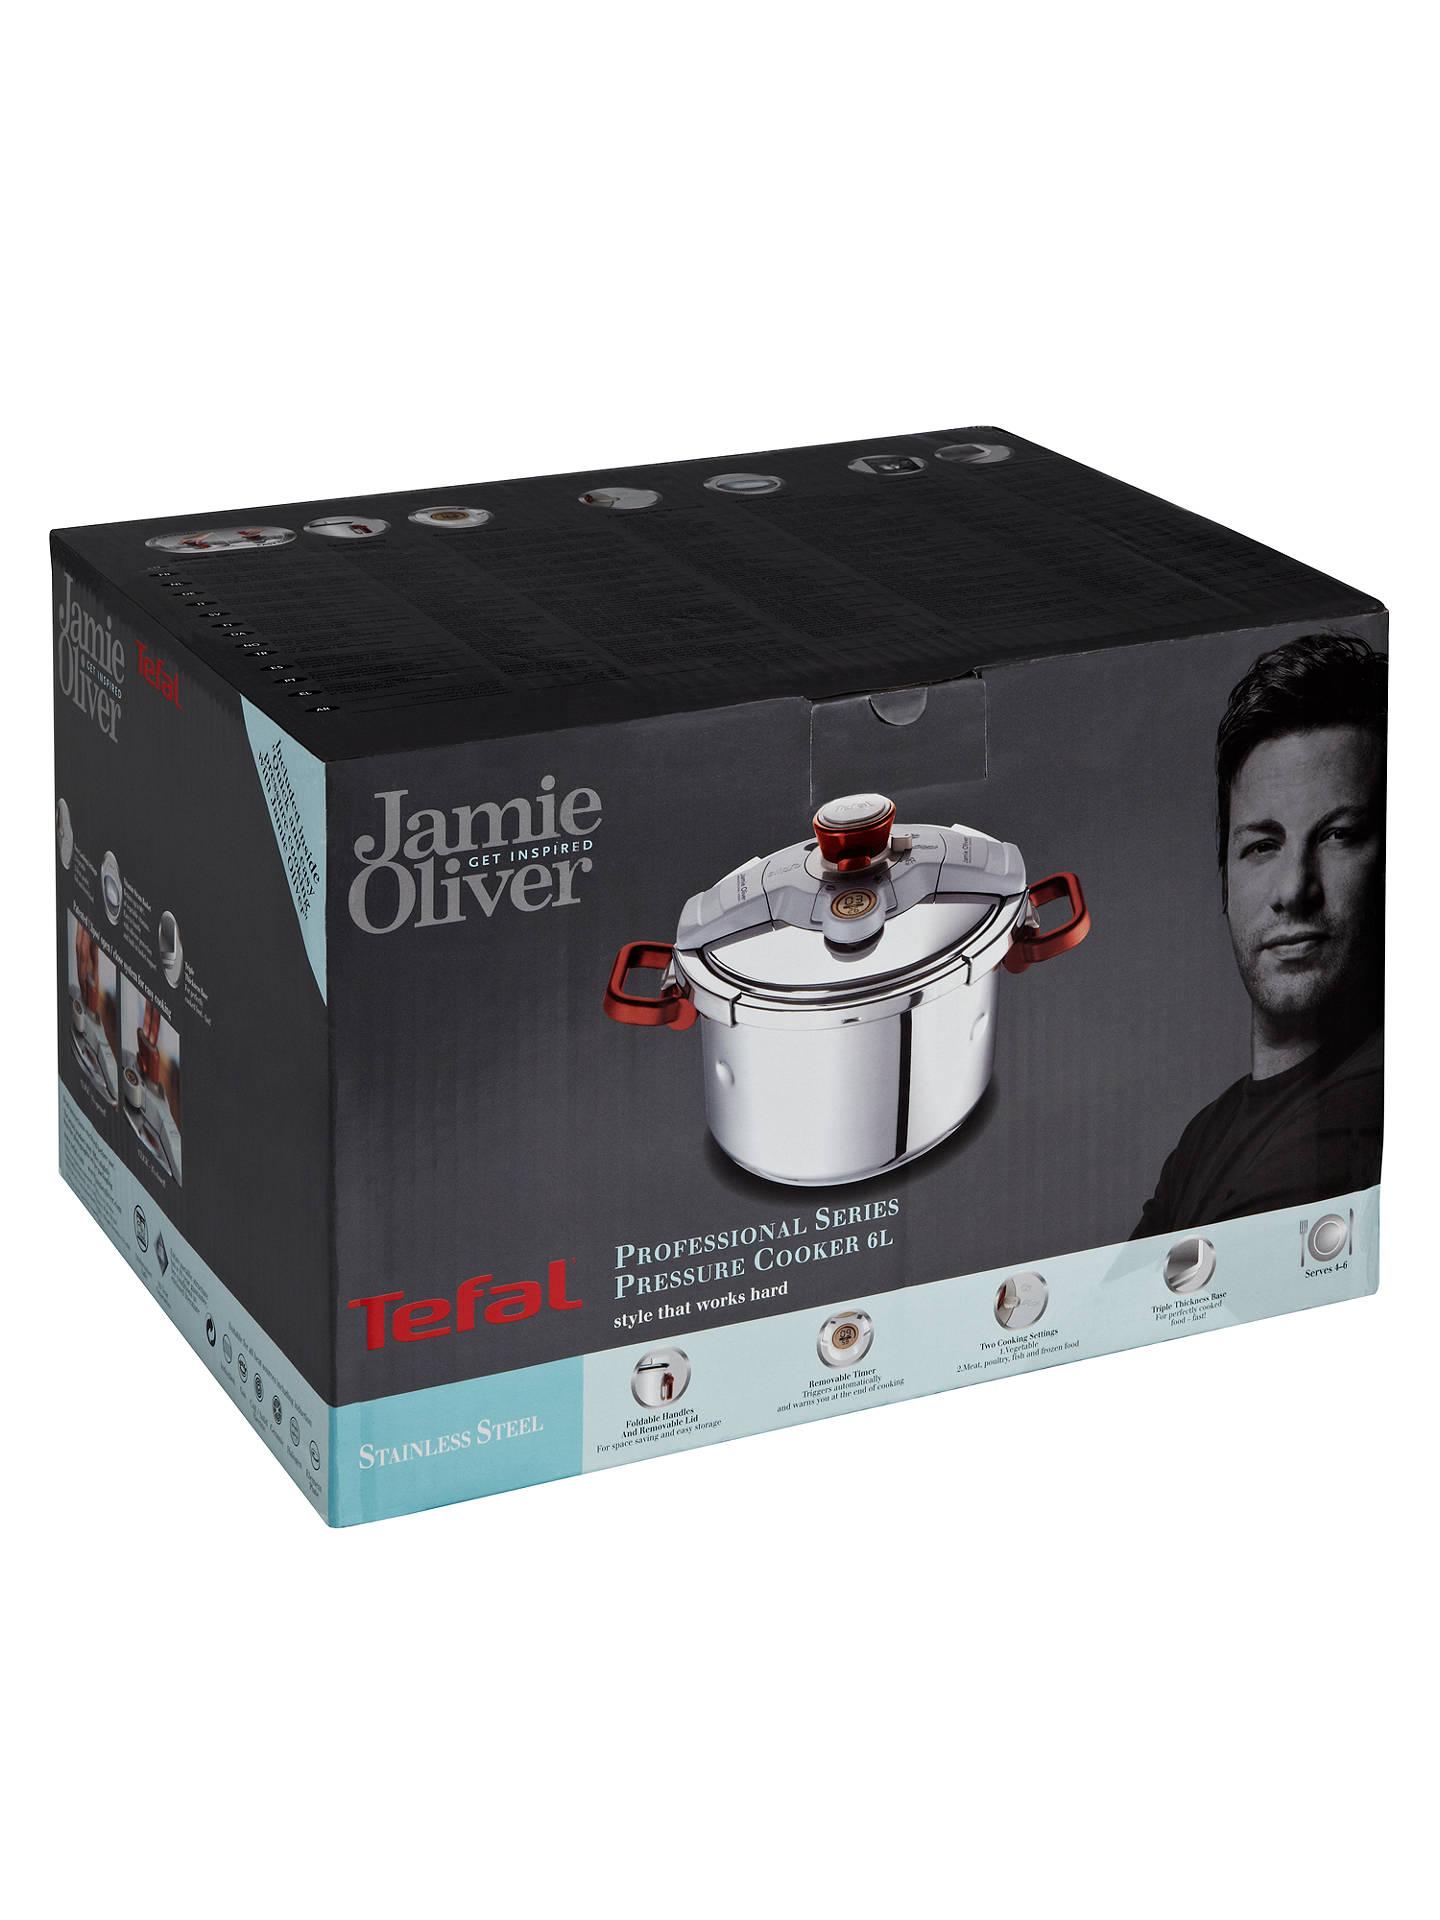 jamie oliver pressure cooker instructions